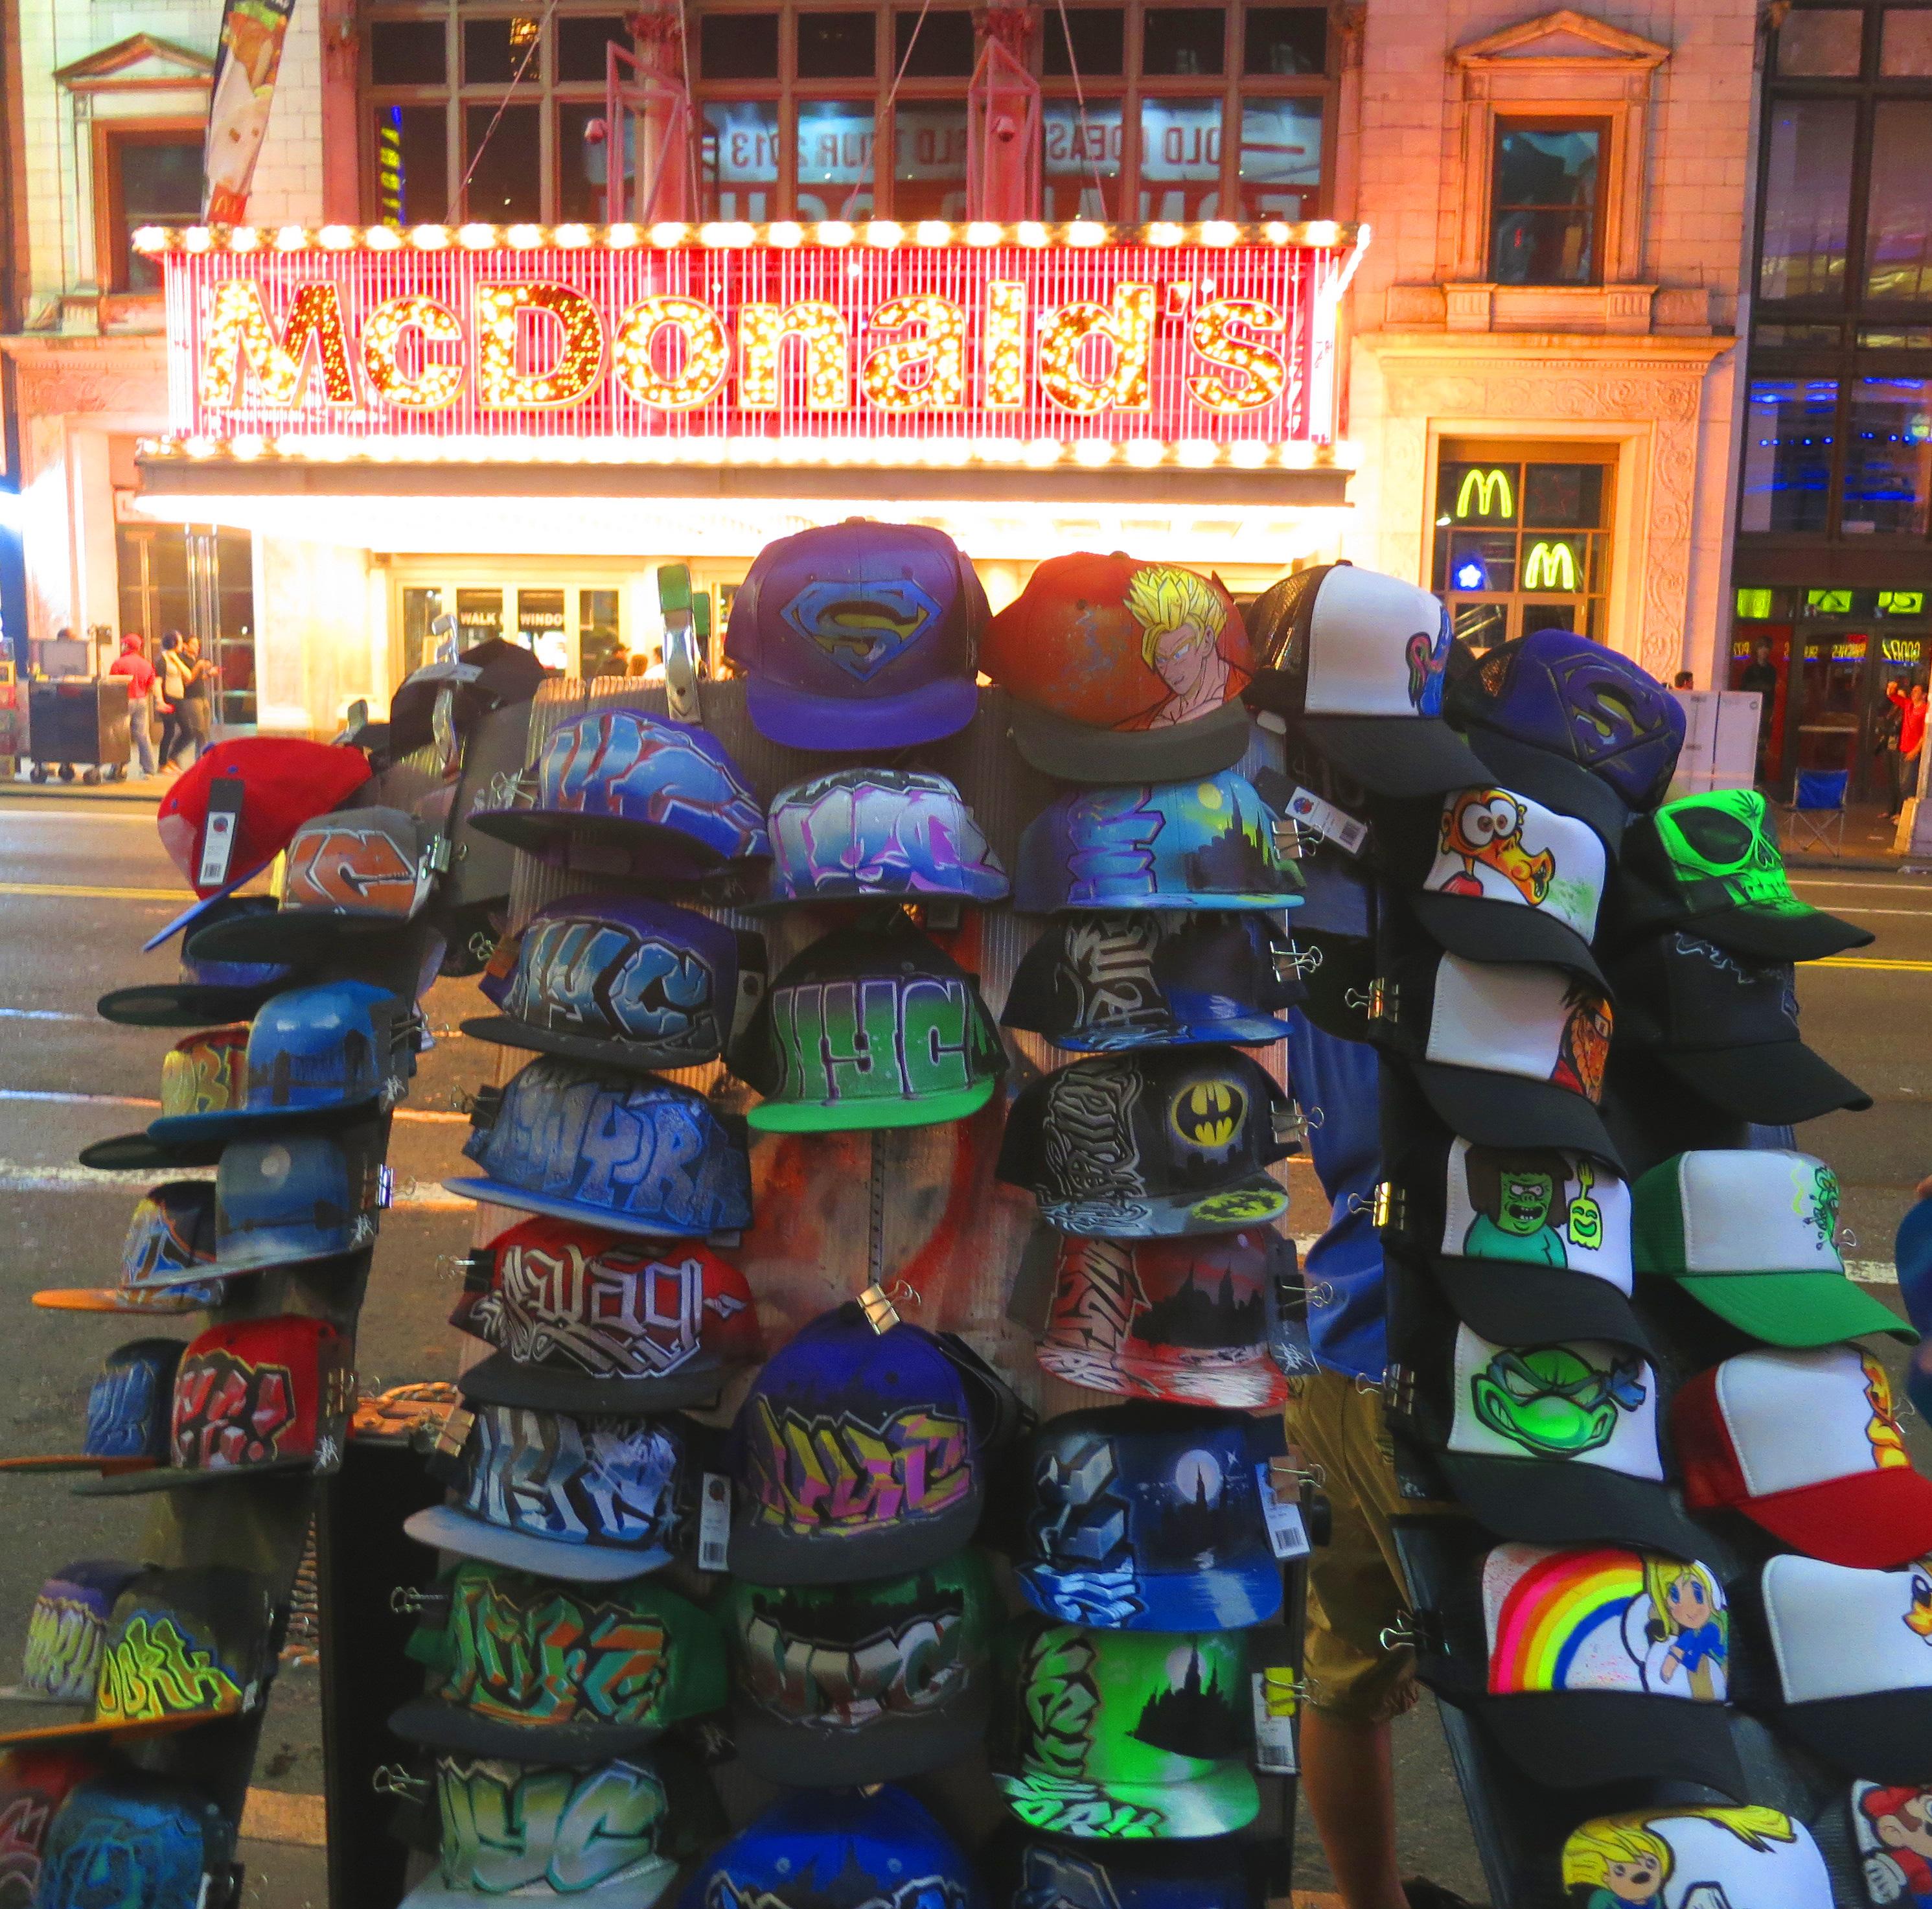 Unisex NYC Graffiti Cute Cartoon New York Mens Cute NYC-Graffiti-Cute-Cartoon-New-York Cap Hats Sun